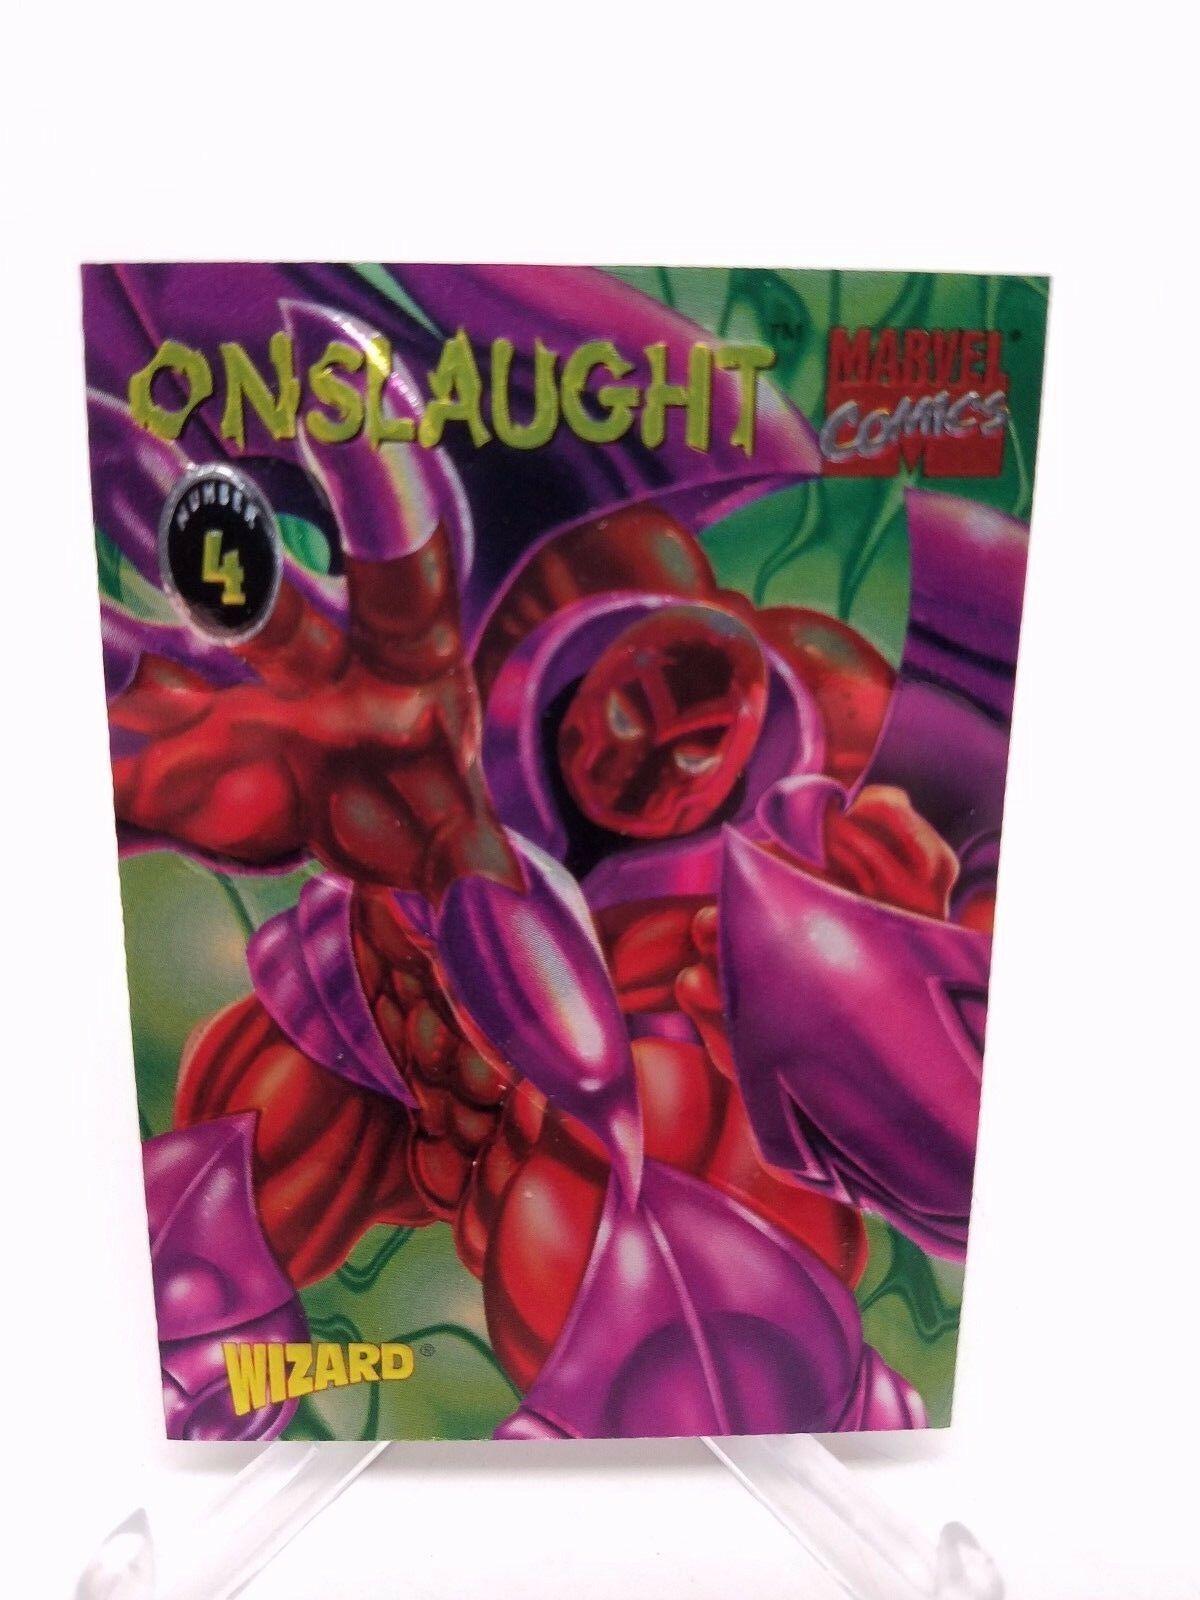 1994 Fleer Skybox Marvel Wizard Onslaught #4 Card NM/M